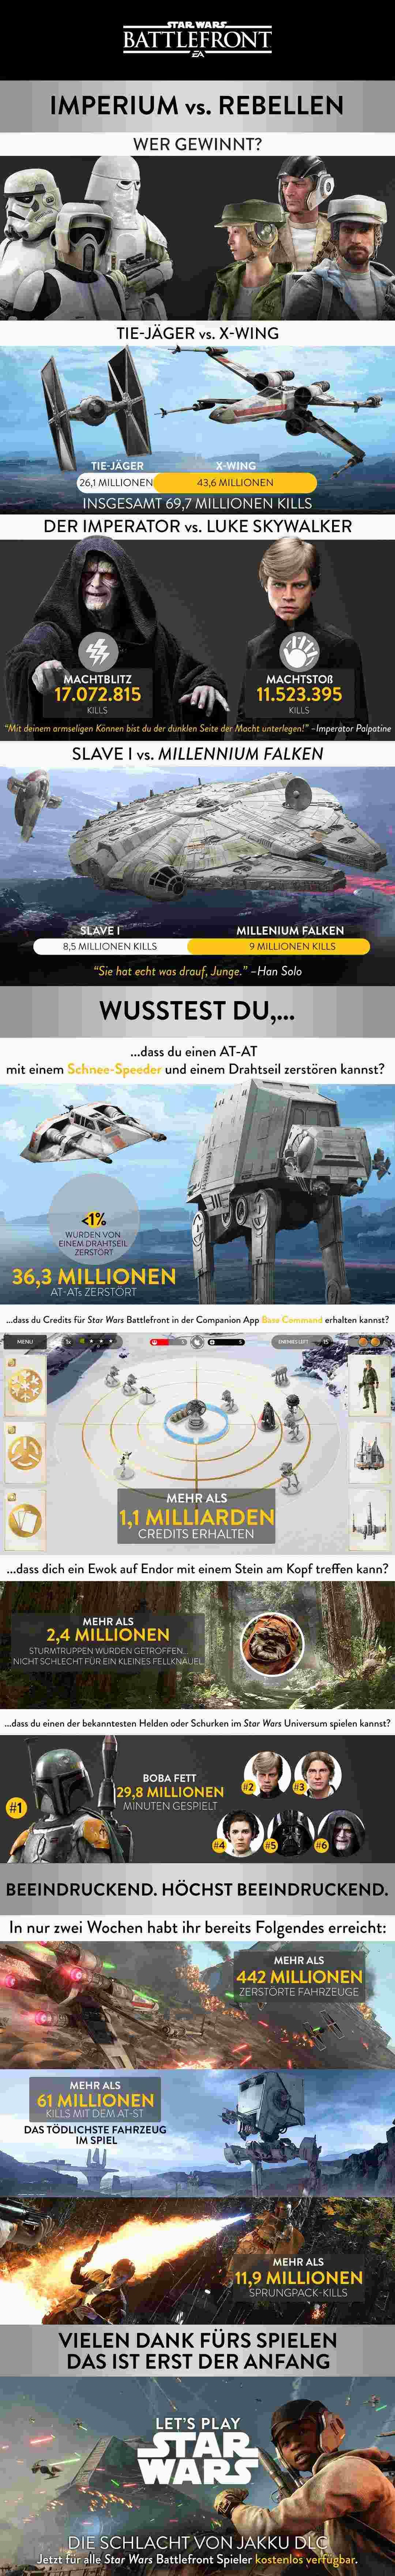 Bild:Fakten zu den spektakulären Schlachten zwischen imperialen Truppen und Rebellen in Star Wars Battlefront